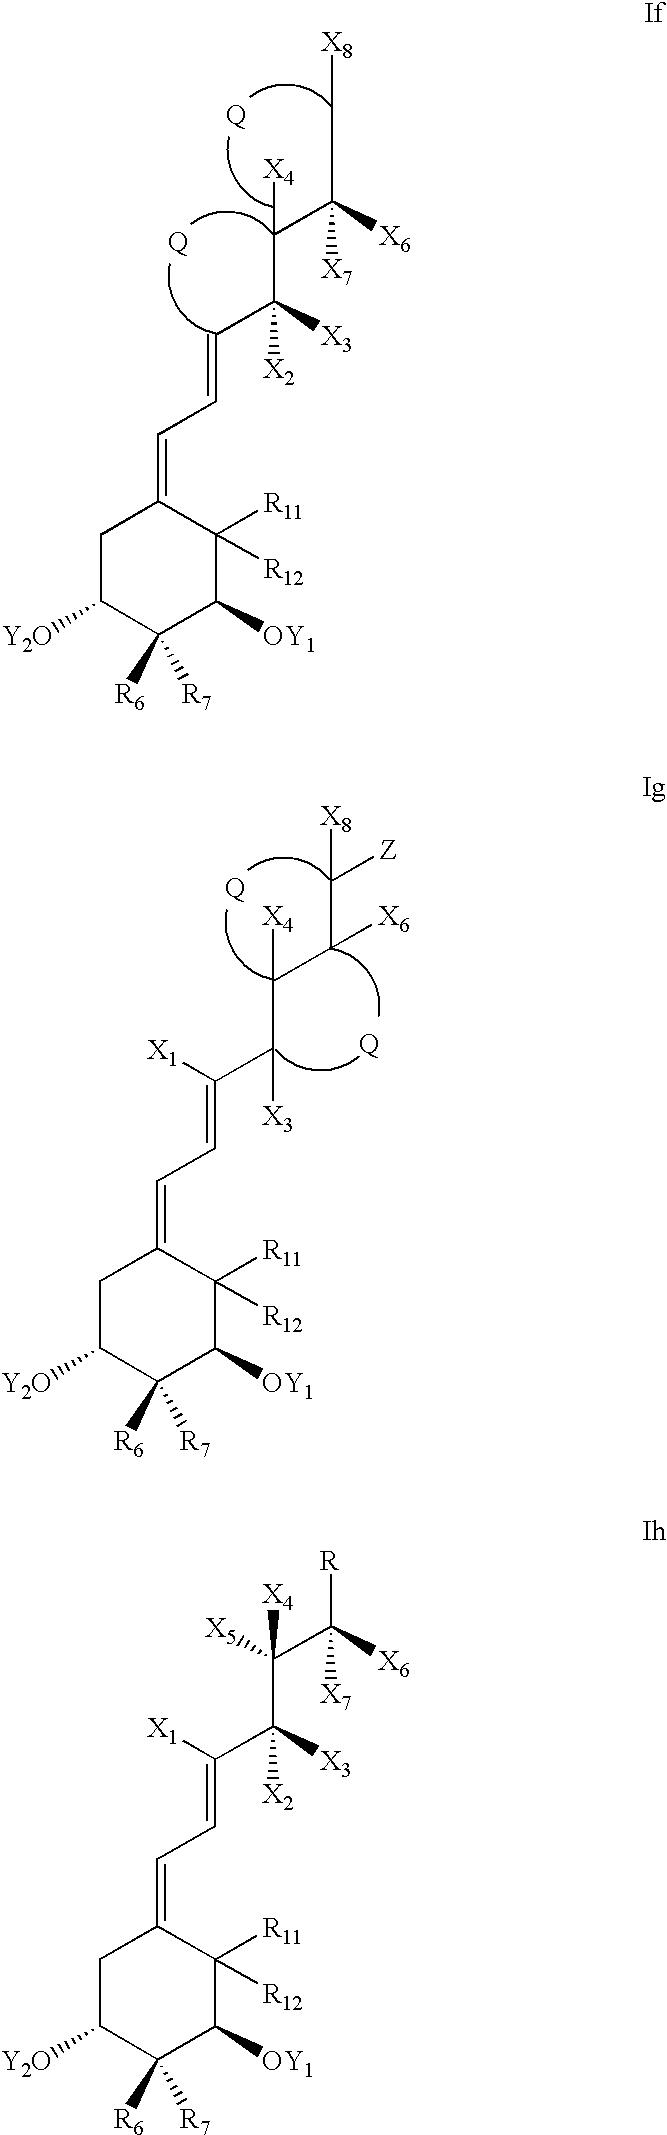 Figure US20030195175A1-20031016-C00011